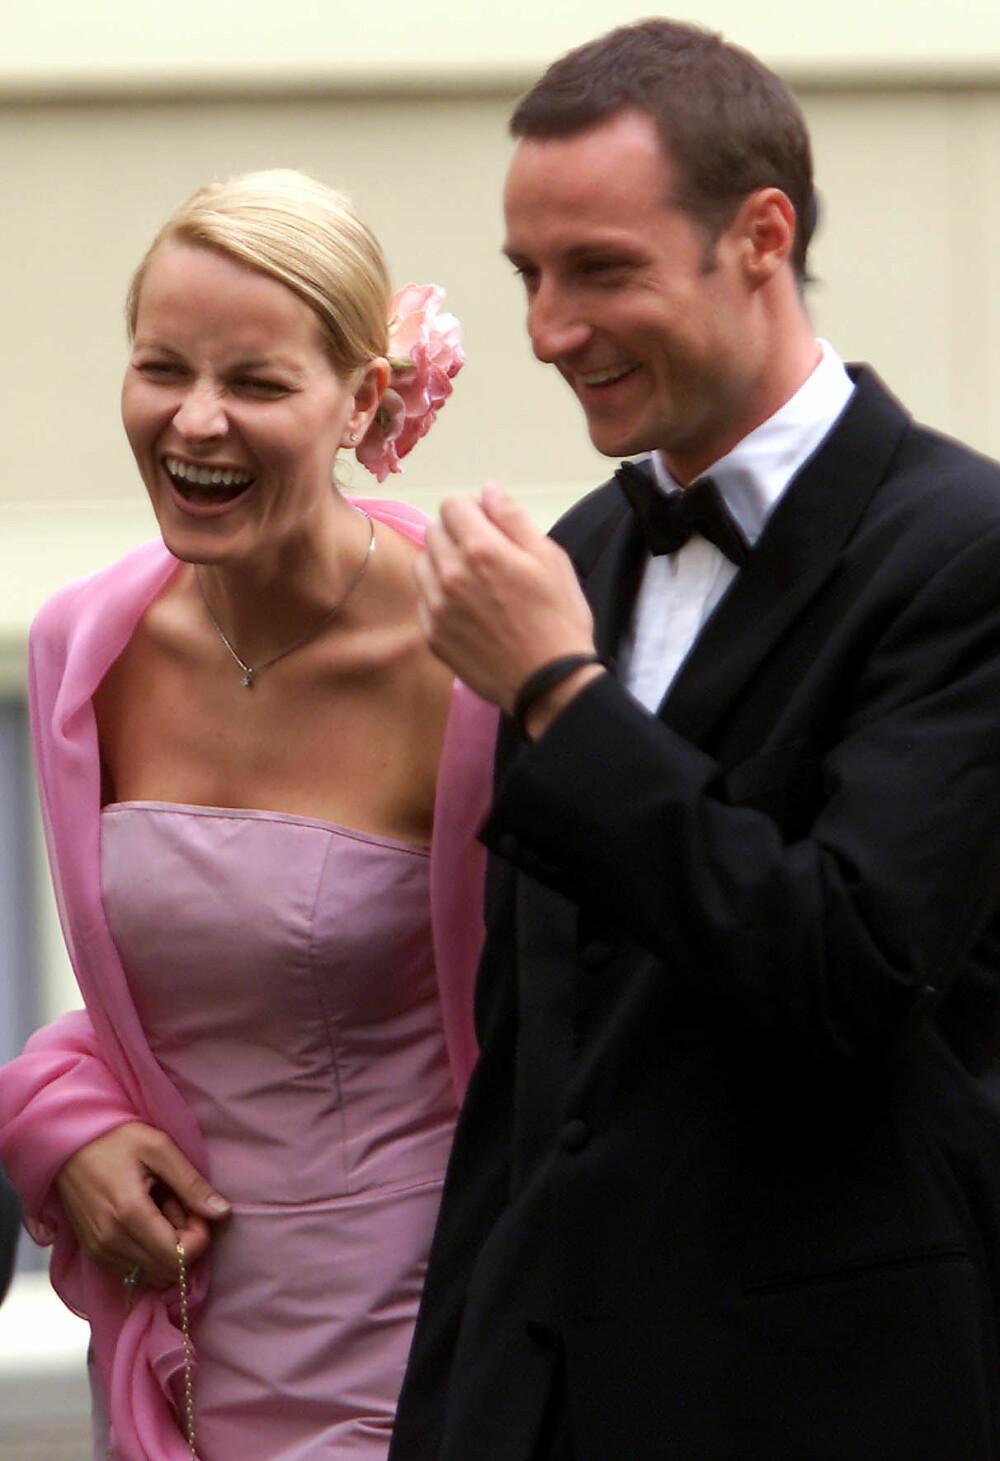 <b>KONGELIG BRYLLUP:</b> Tre måneder før de selv skulle gifte seg, var Mette-Marit og Haakon gjester i bryllupet til prins Constantijn og prinsesse Laurentien i Nederland. Den rosa kjolen er designet avOve HarderFinseth, som også designet brudekjolen hennes.